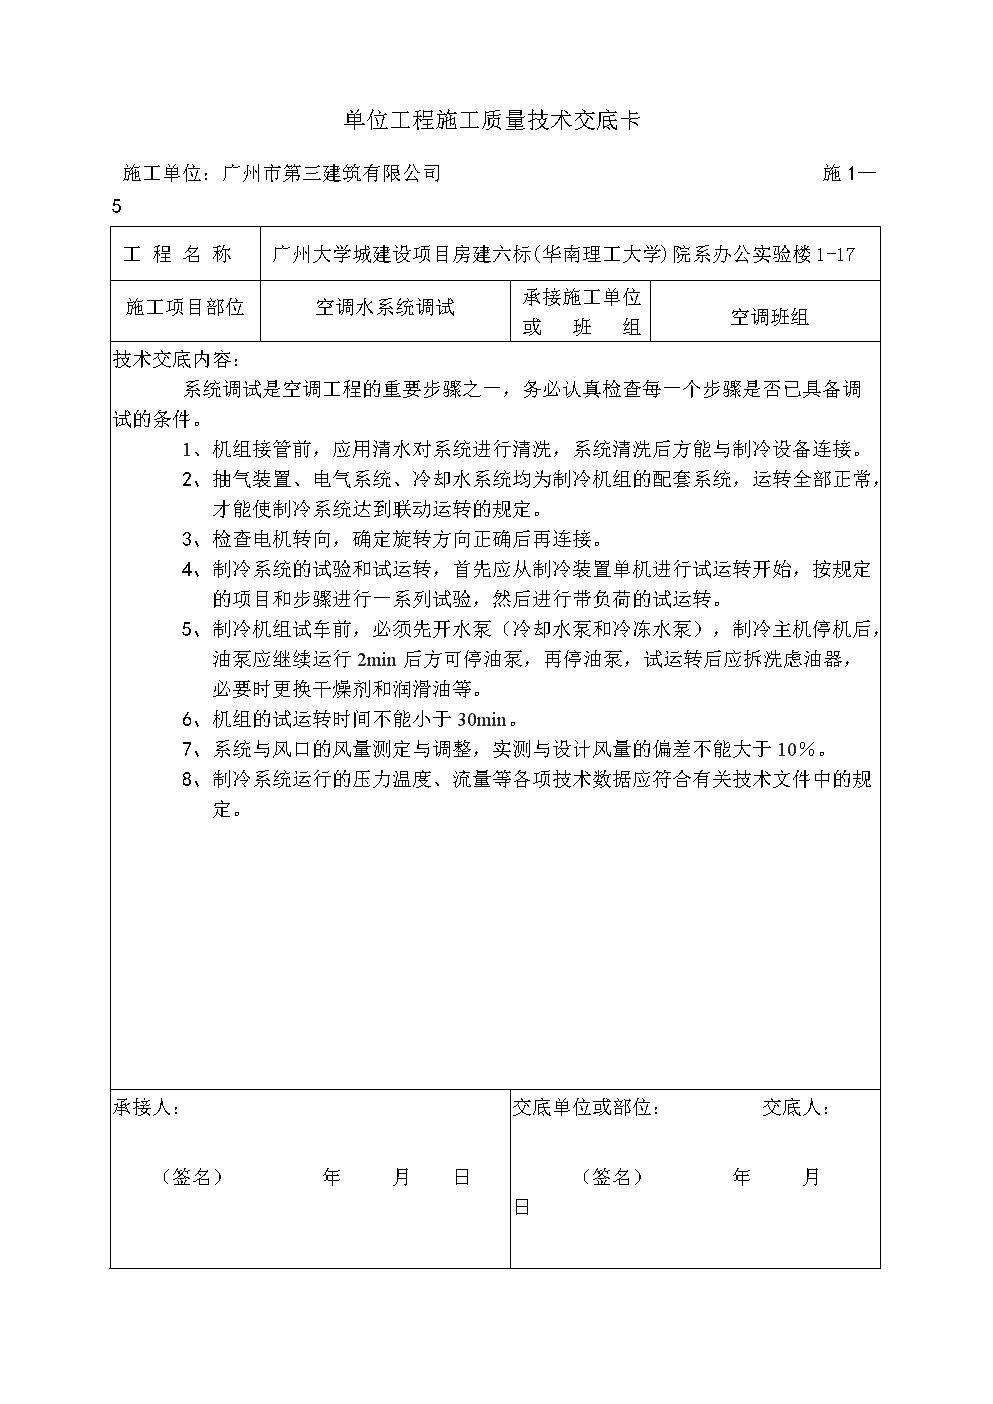 (空调水系统调试)通风与空调技术交底卡1-17.doc